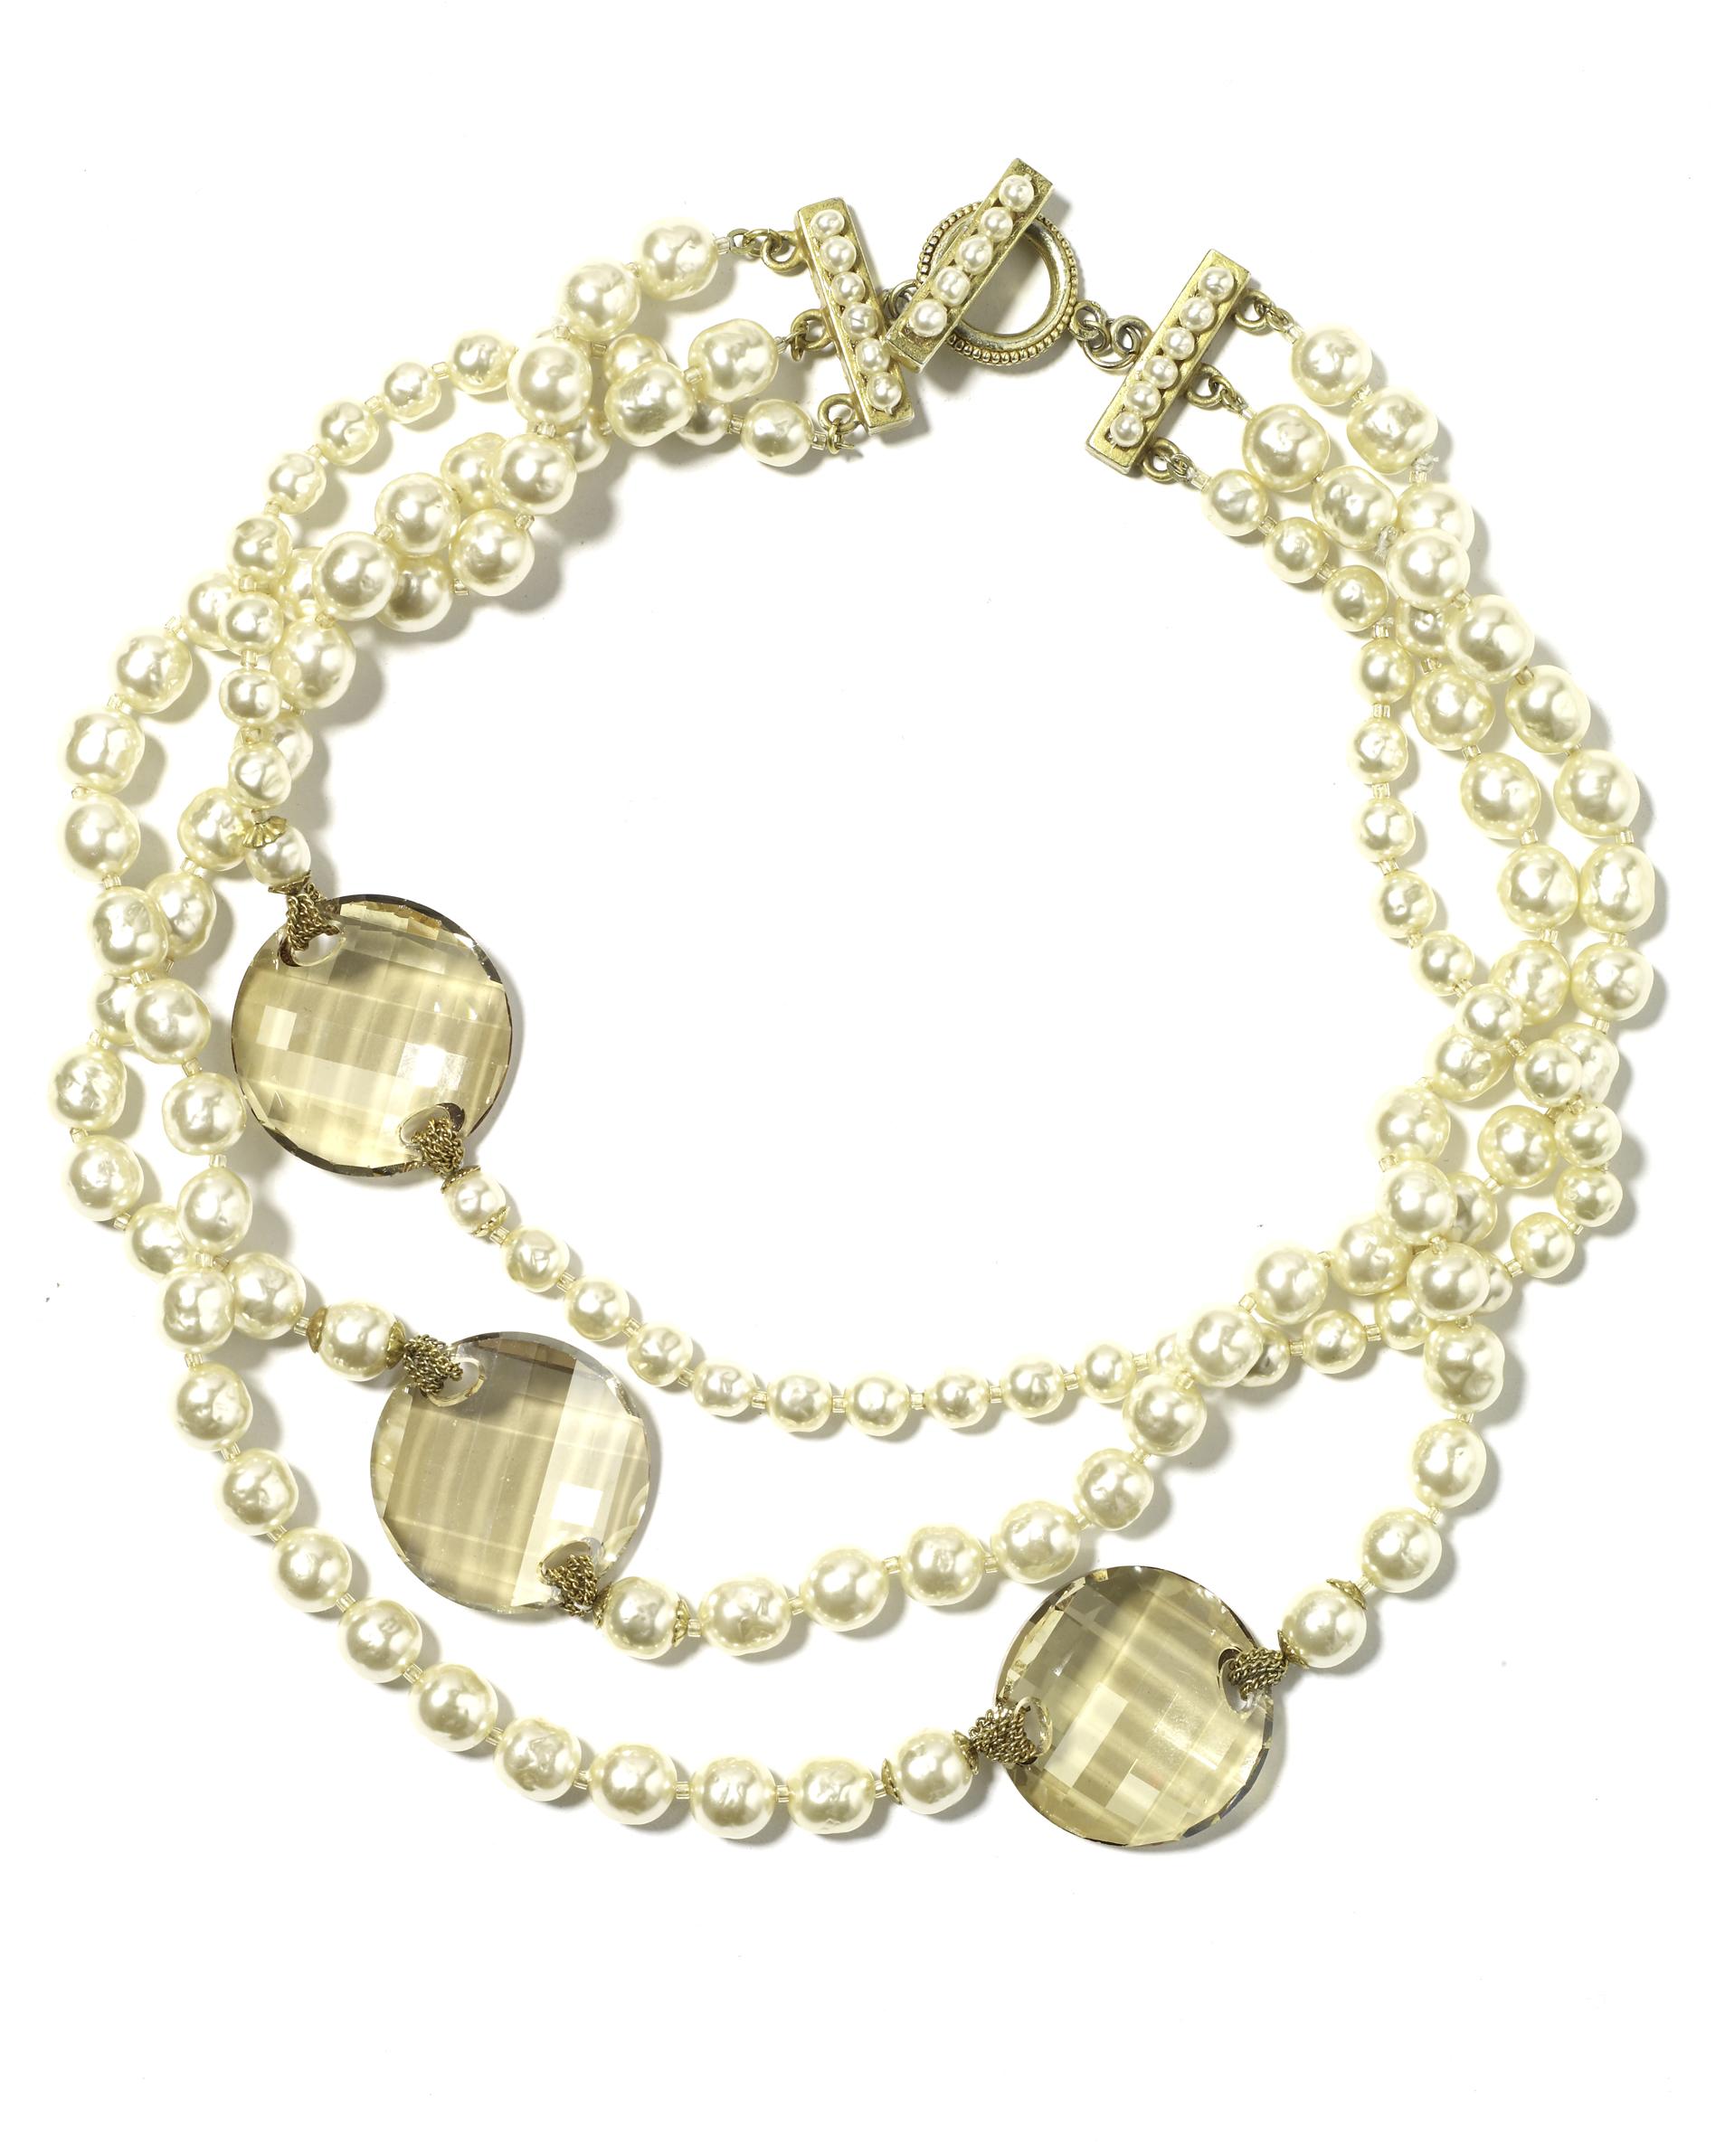 wd404606_spr09_jewelry2.jpg